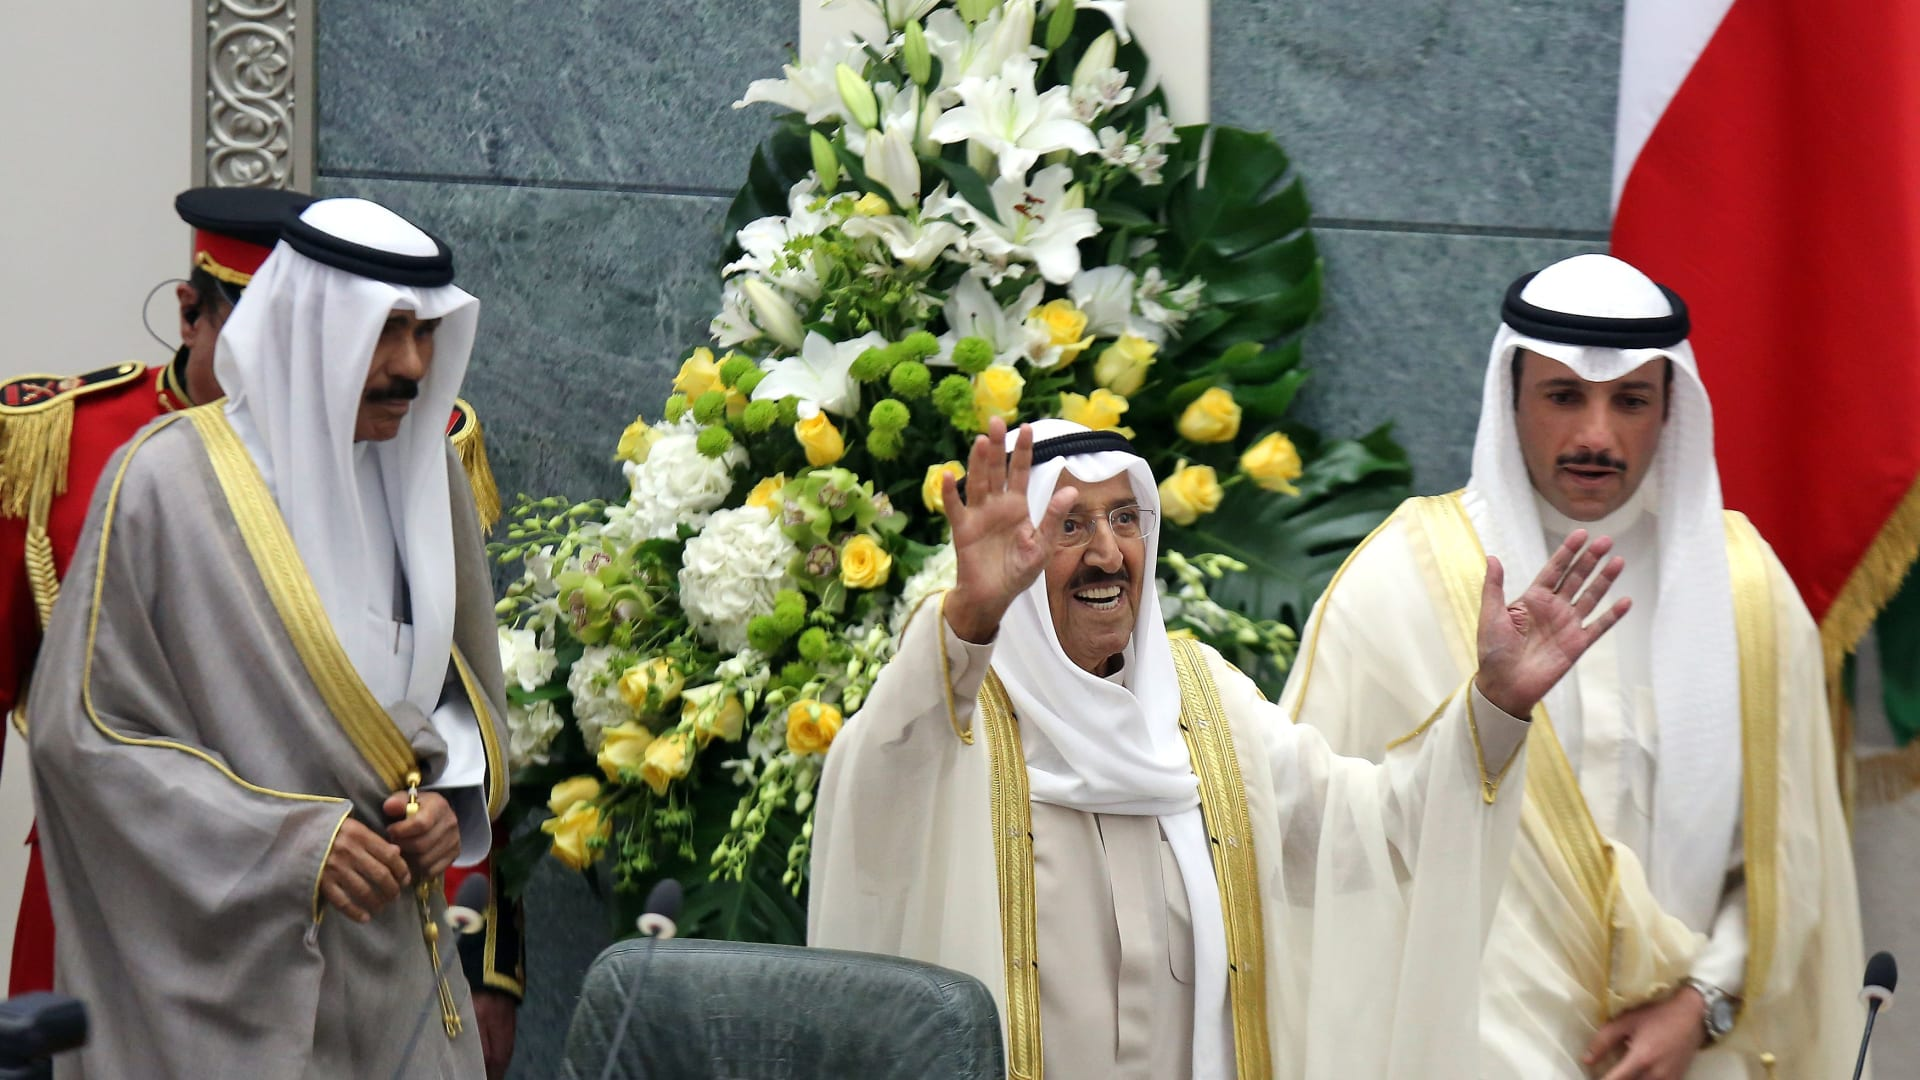 كيف تختار الكويت ولي العهد وما هي شروط الدستور والقانون؟